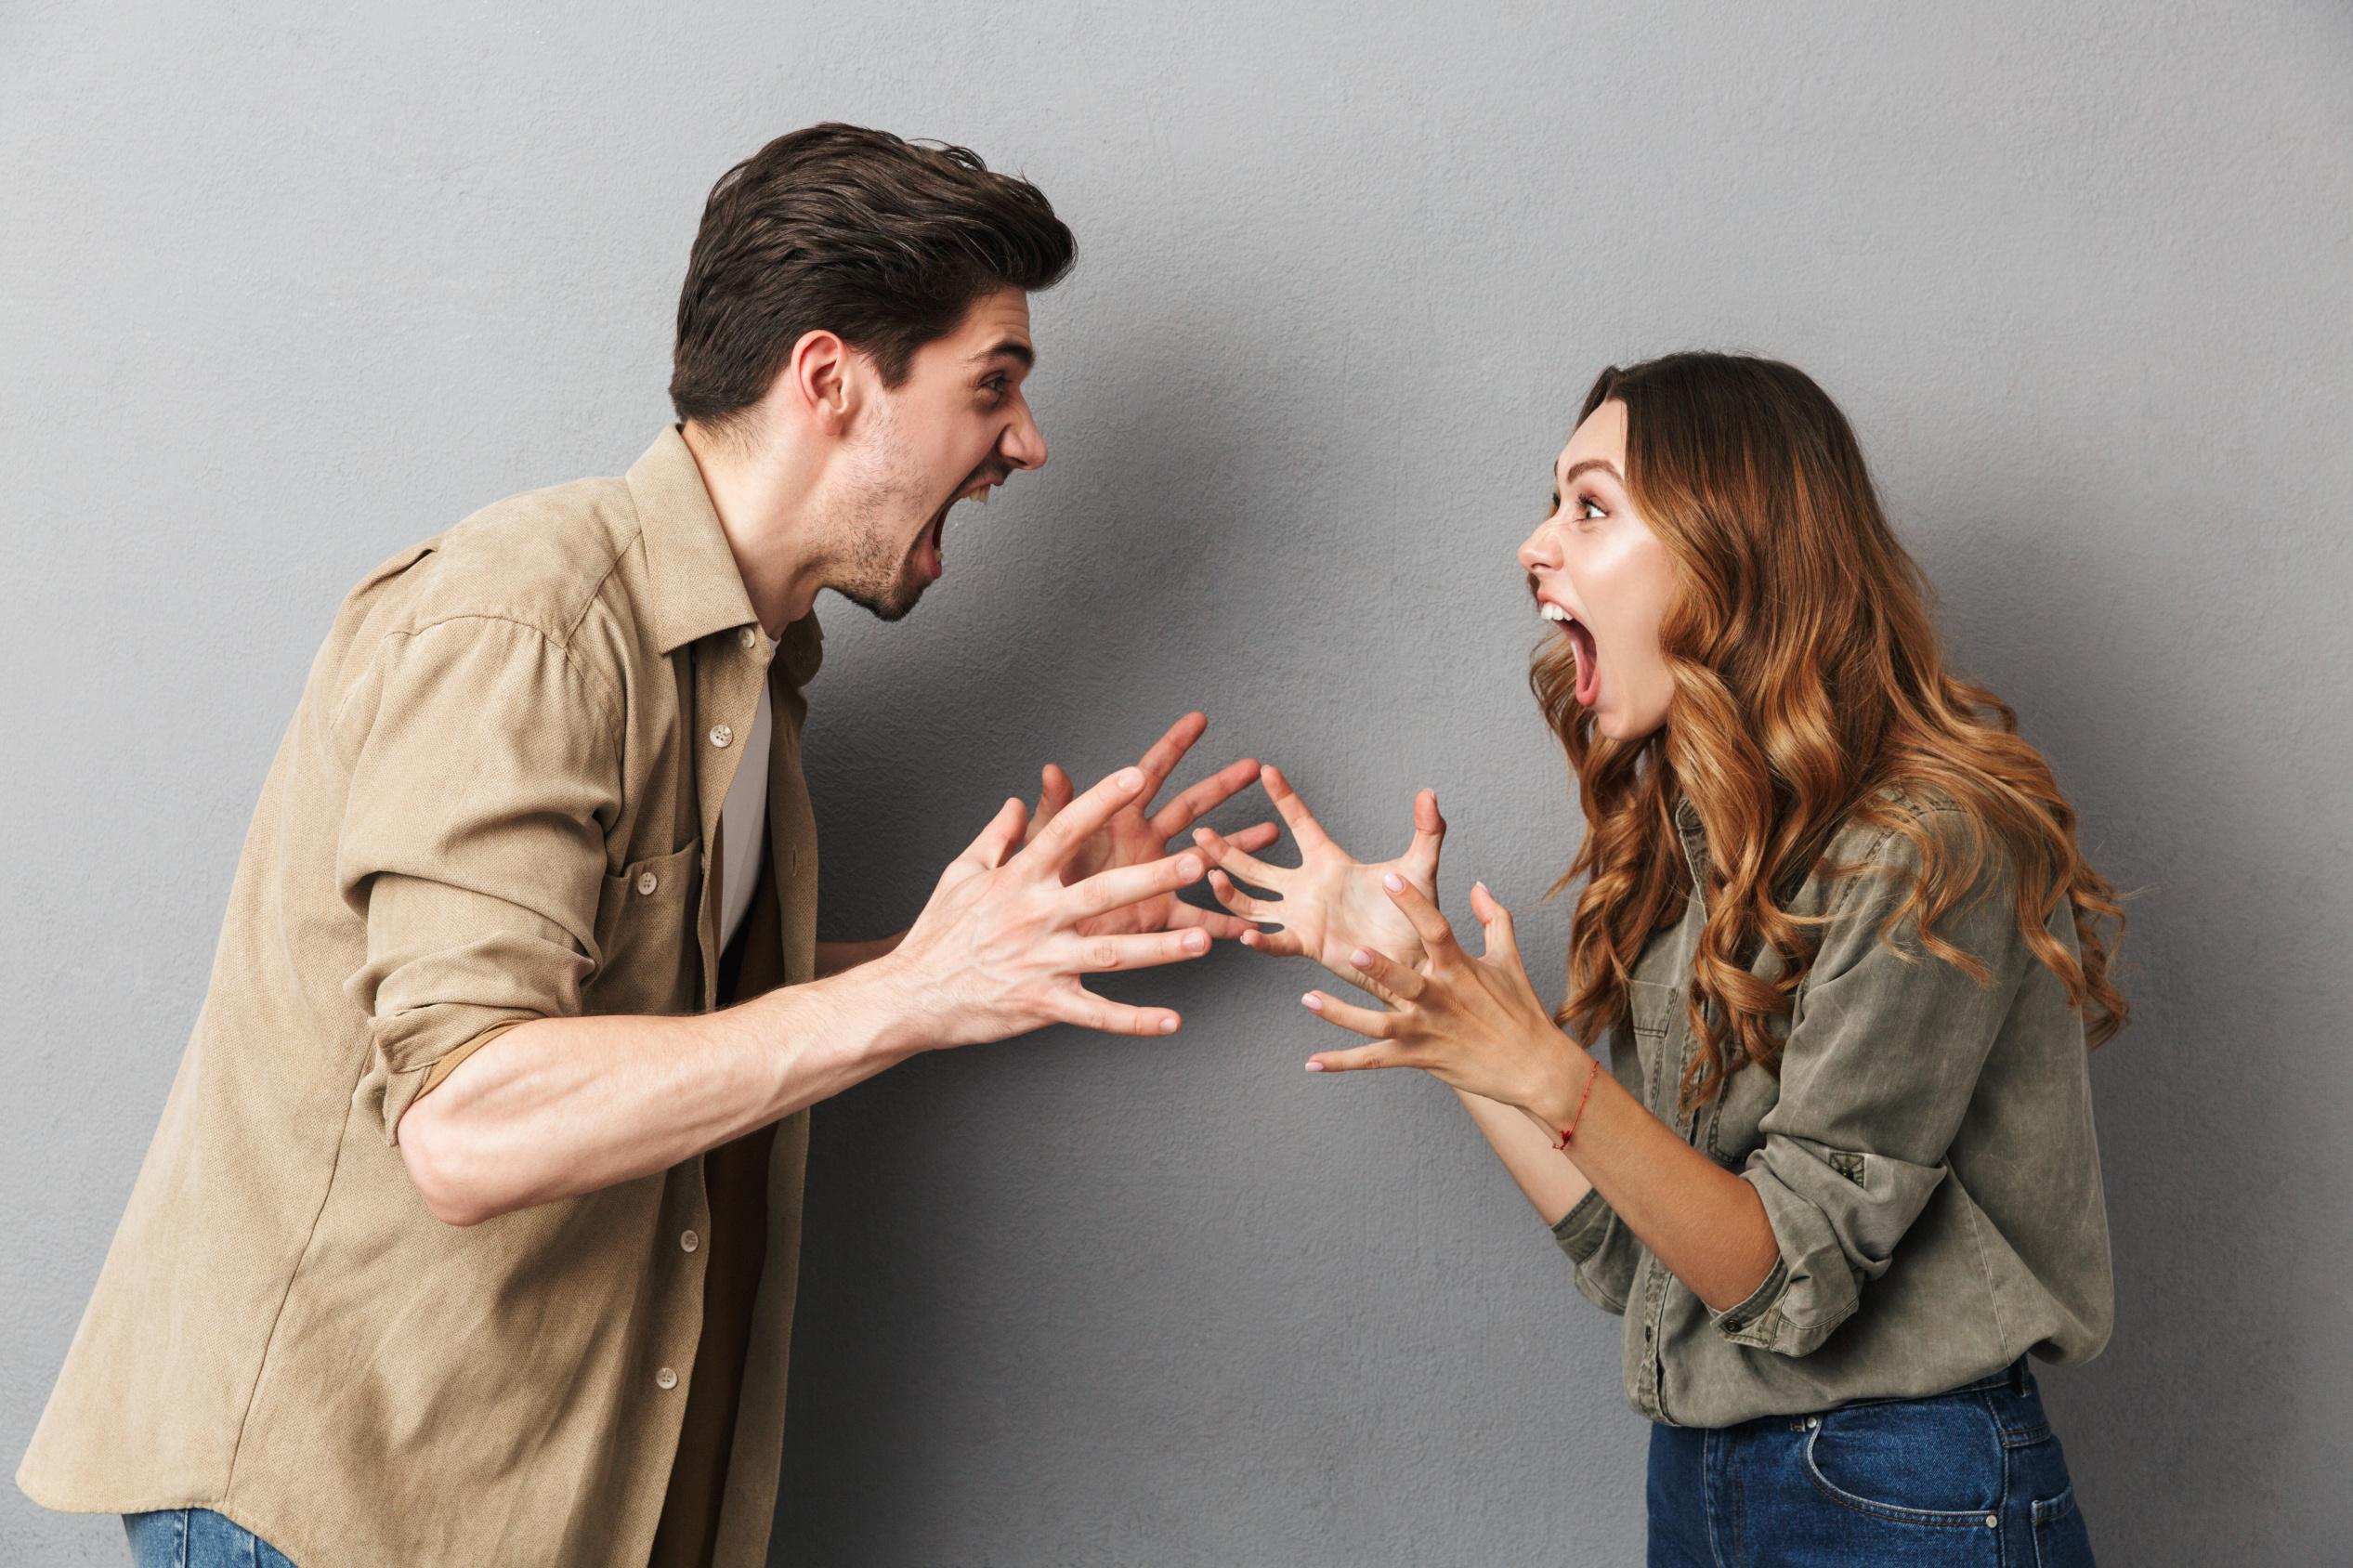 خلافات زوجية